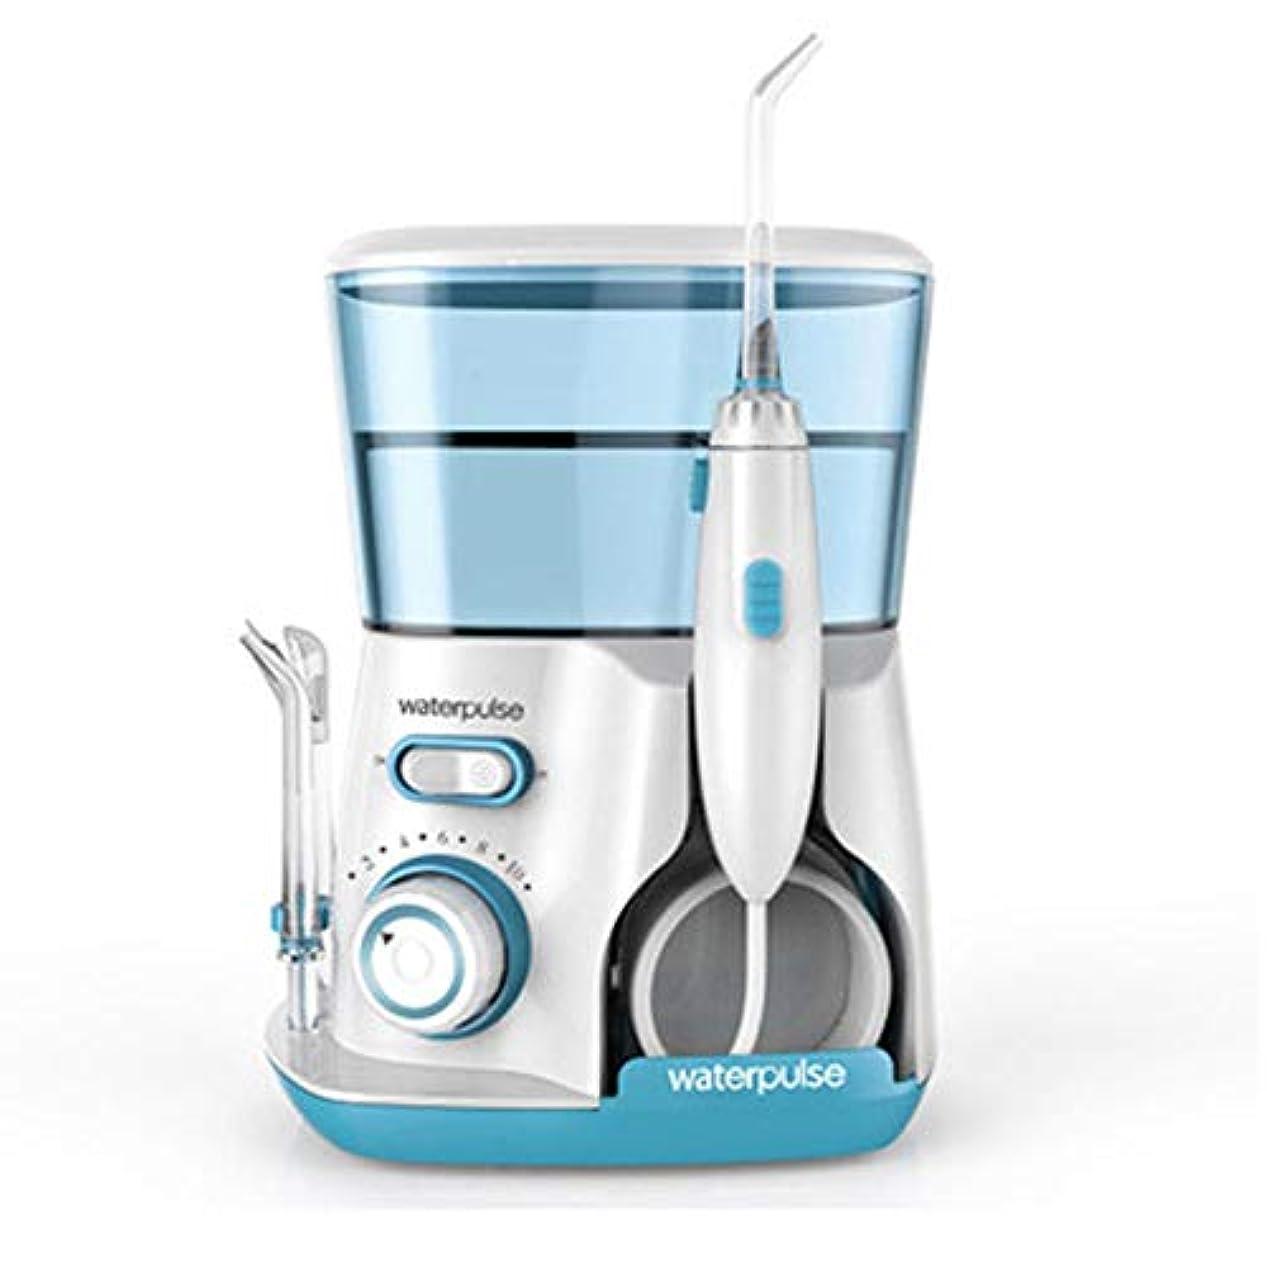 文芸スイス人柔和水の容量800mlの5つの多機能ヒントのカウンタートップ歯科口腔洗浄器でリークプルーフ電気静かな設計ホーム&トラベル (色 : Green)